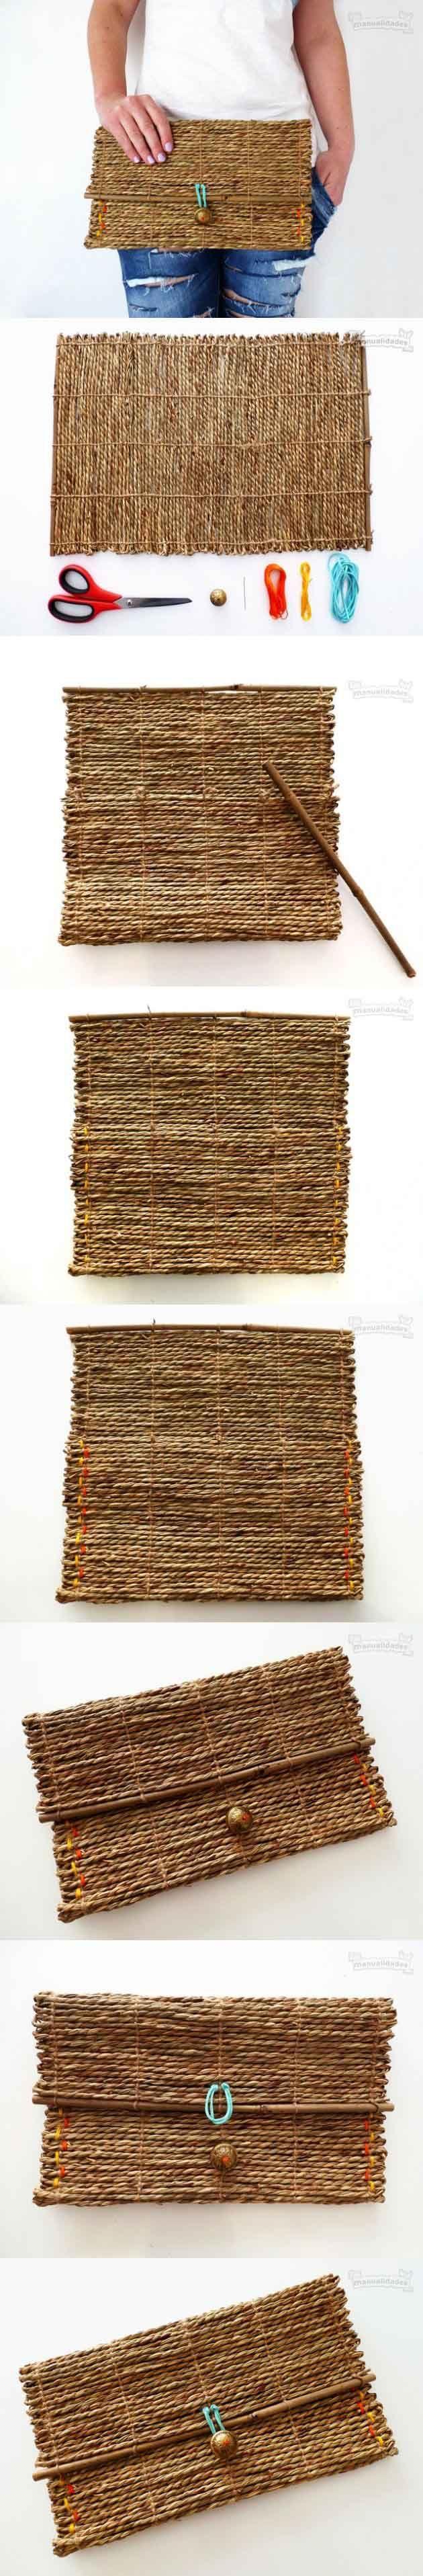 bolso-de-mano-reciclando-un-mantel-diy_1